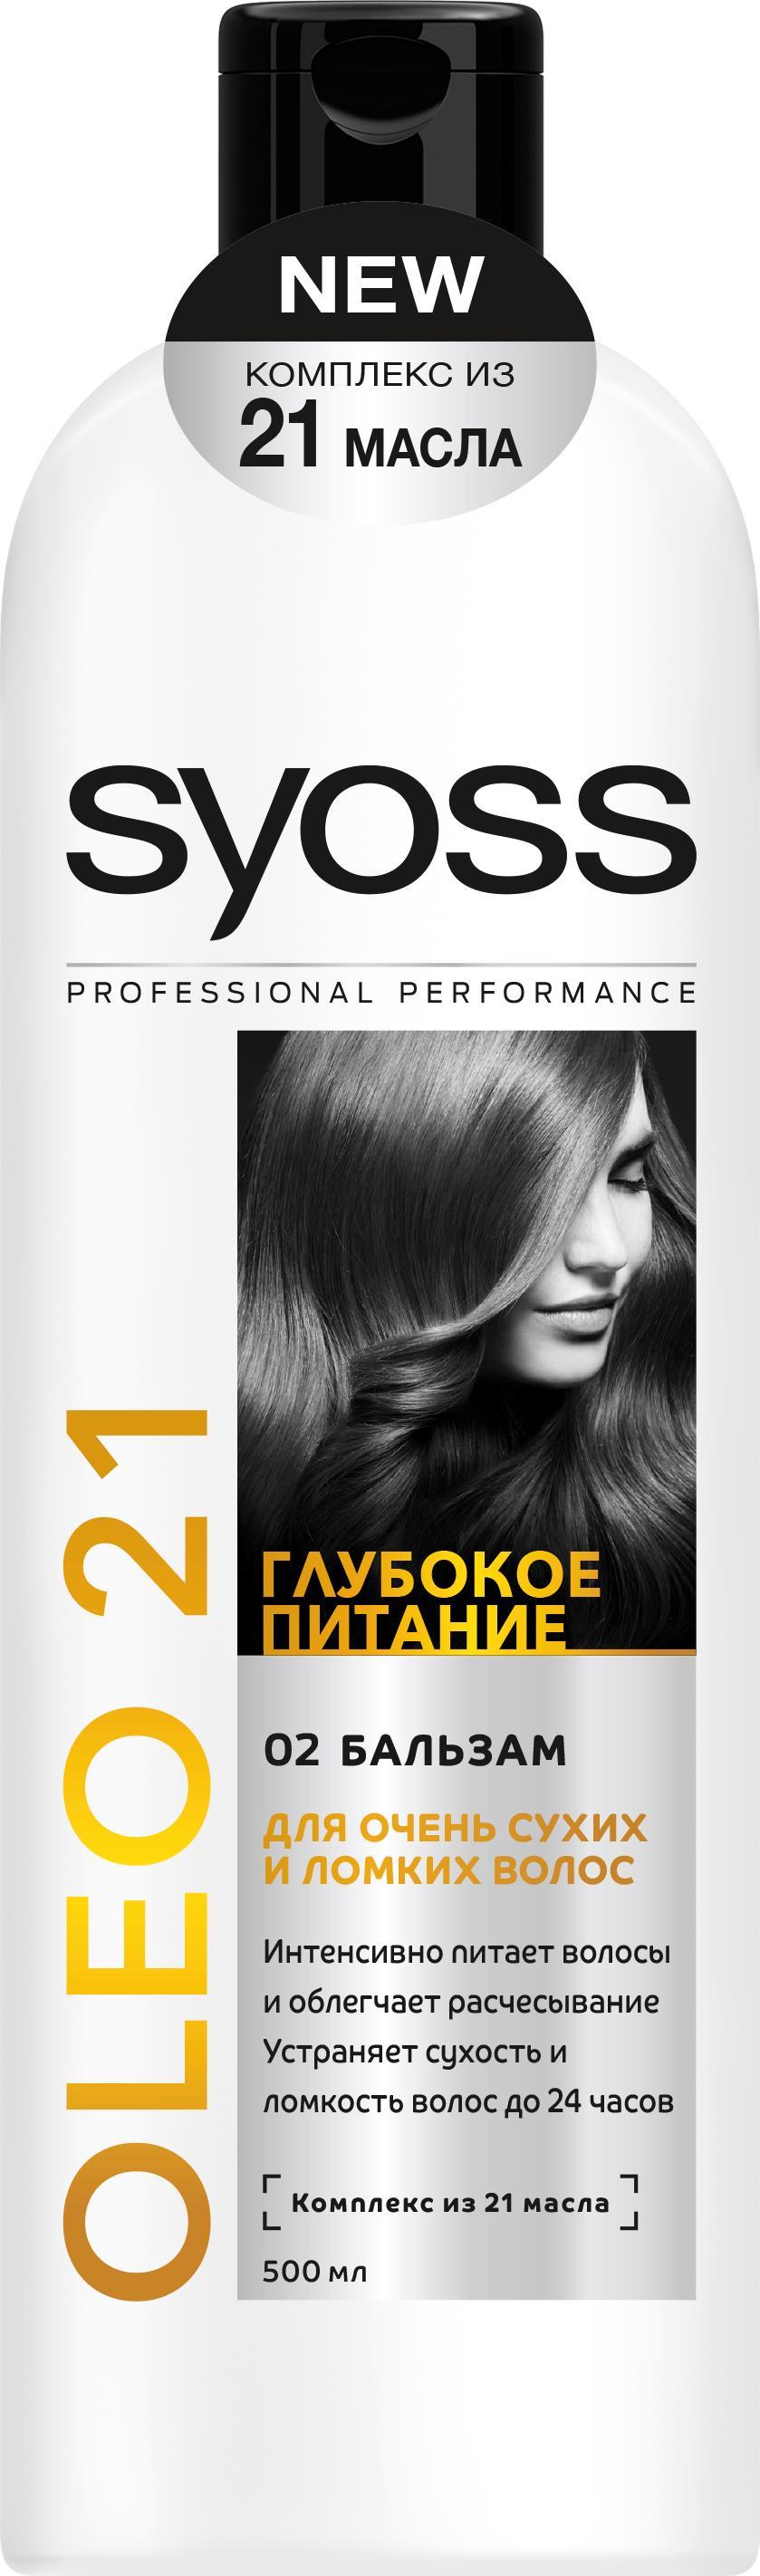 Syoss Бальзам Oleo Intense Thermo Care, для сухих и ломких волос, 500 мл9034922Линия средств для глубокого восстановления сухих и ломких волос Syoss Oleo Intense разработана на основе термоактивной формулы с ценными маслами, которая используется профессиональными парикмахерами-стилистами. Формула Syoss Oleo Intense активизируется под воздействием тепла (например, от фена или теплого полотенца) – именно тогда уникальные питательные компоненты состава максимально интенсивно воздействуют на волосы, делая их гладкими, мягкими и блестящими.Бальзам Syoss Oleo Intense Thermo Care: Интенсивное питание с ценными маслами для эластичности и блеска;Выравнивает поверхность волос, улучшает расчесывание;Термоактивная формула активизируется при укладке феном. Характеристики:Объем: 500 мл. Артикул: 1728116. Изготовитель: Россия. Товар сертифицирован.